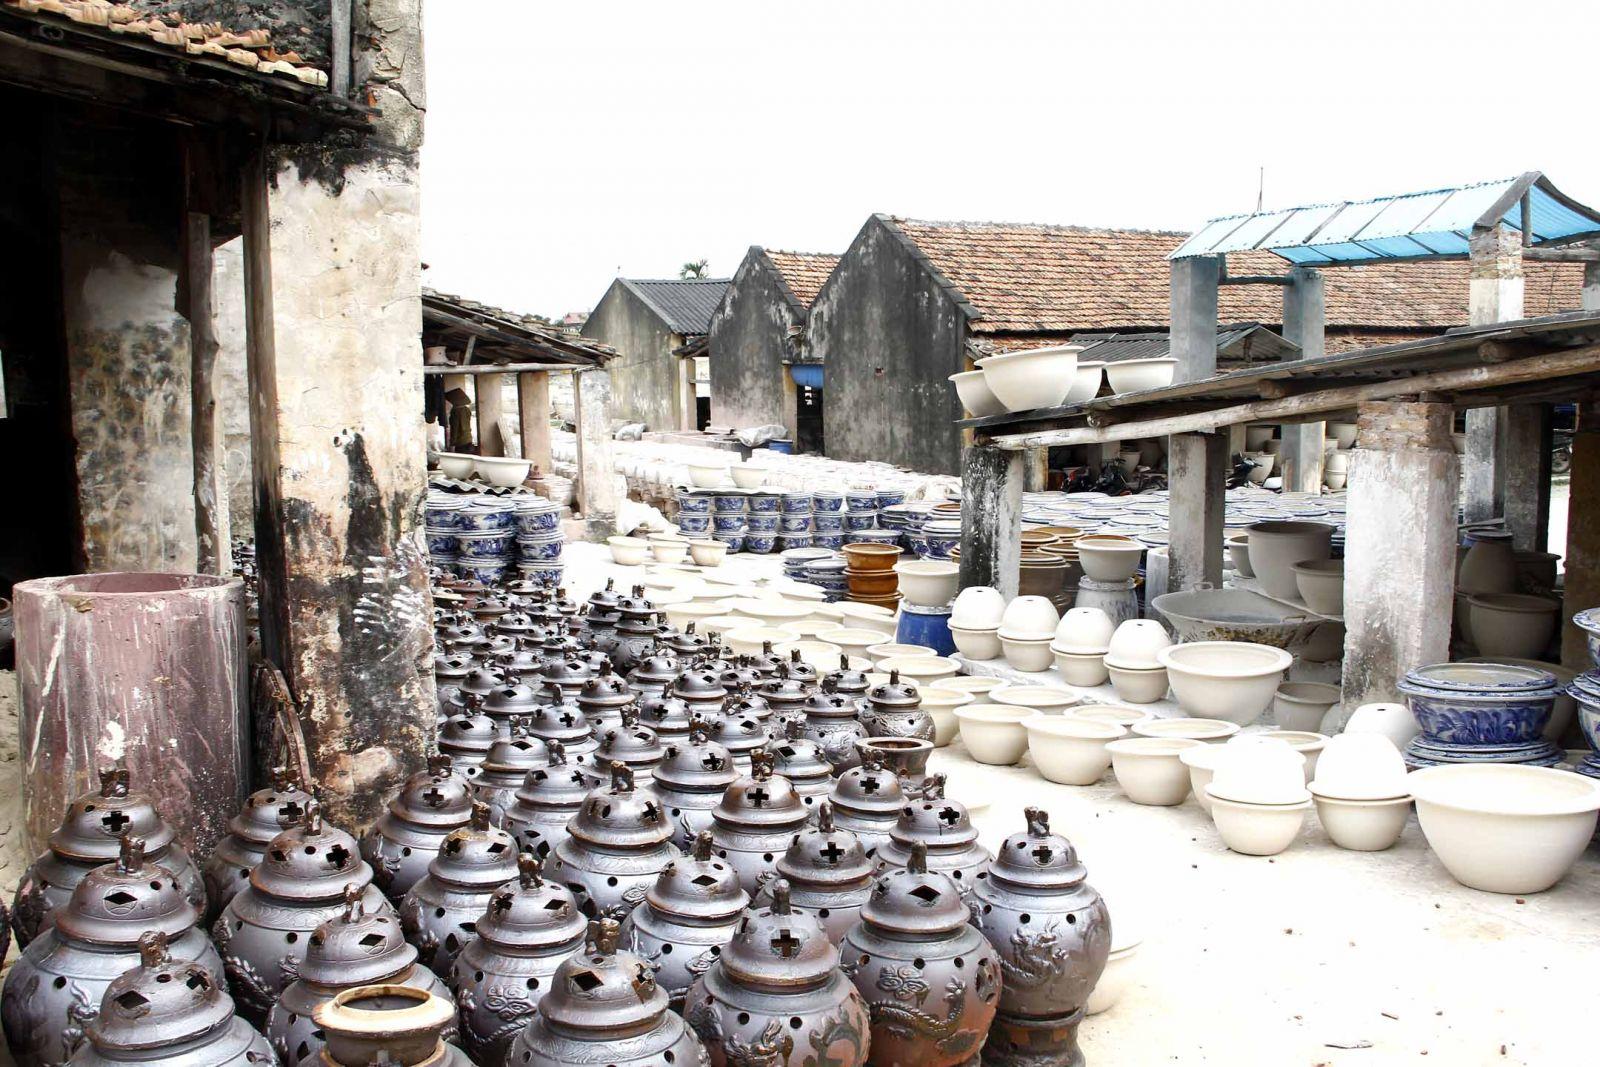 Tham quan làng gốm Bát Tràng nhân dịp cuối tuần